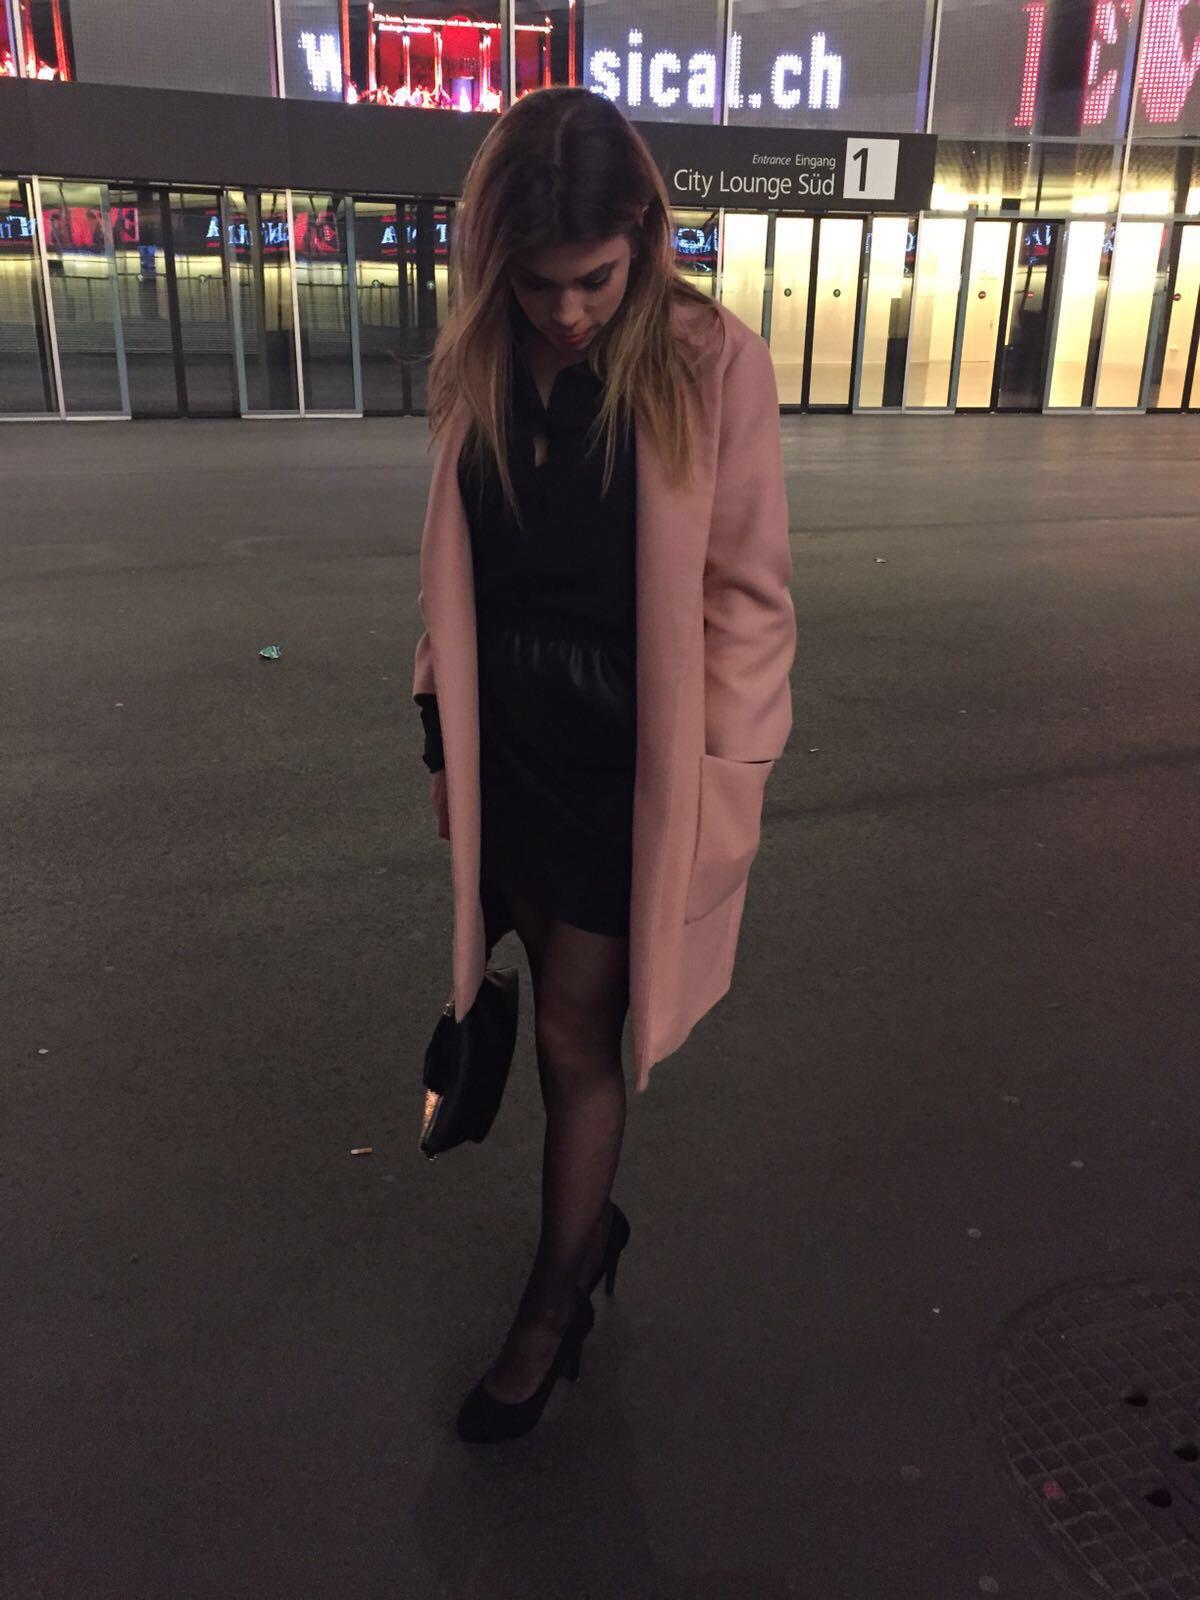 Schwarz/Pinkes Outfit für den Abend